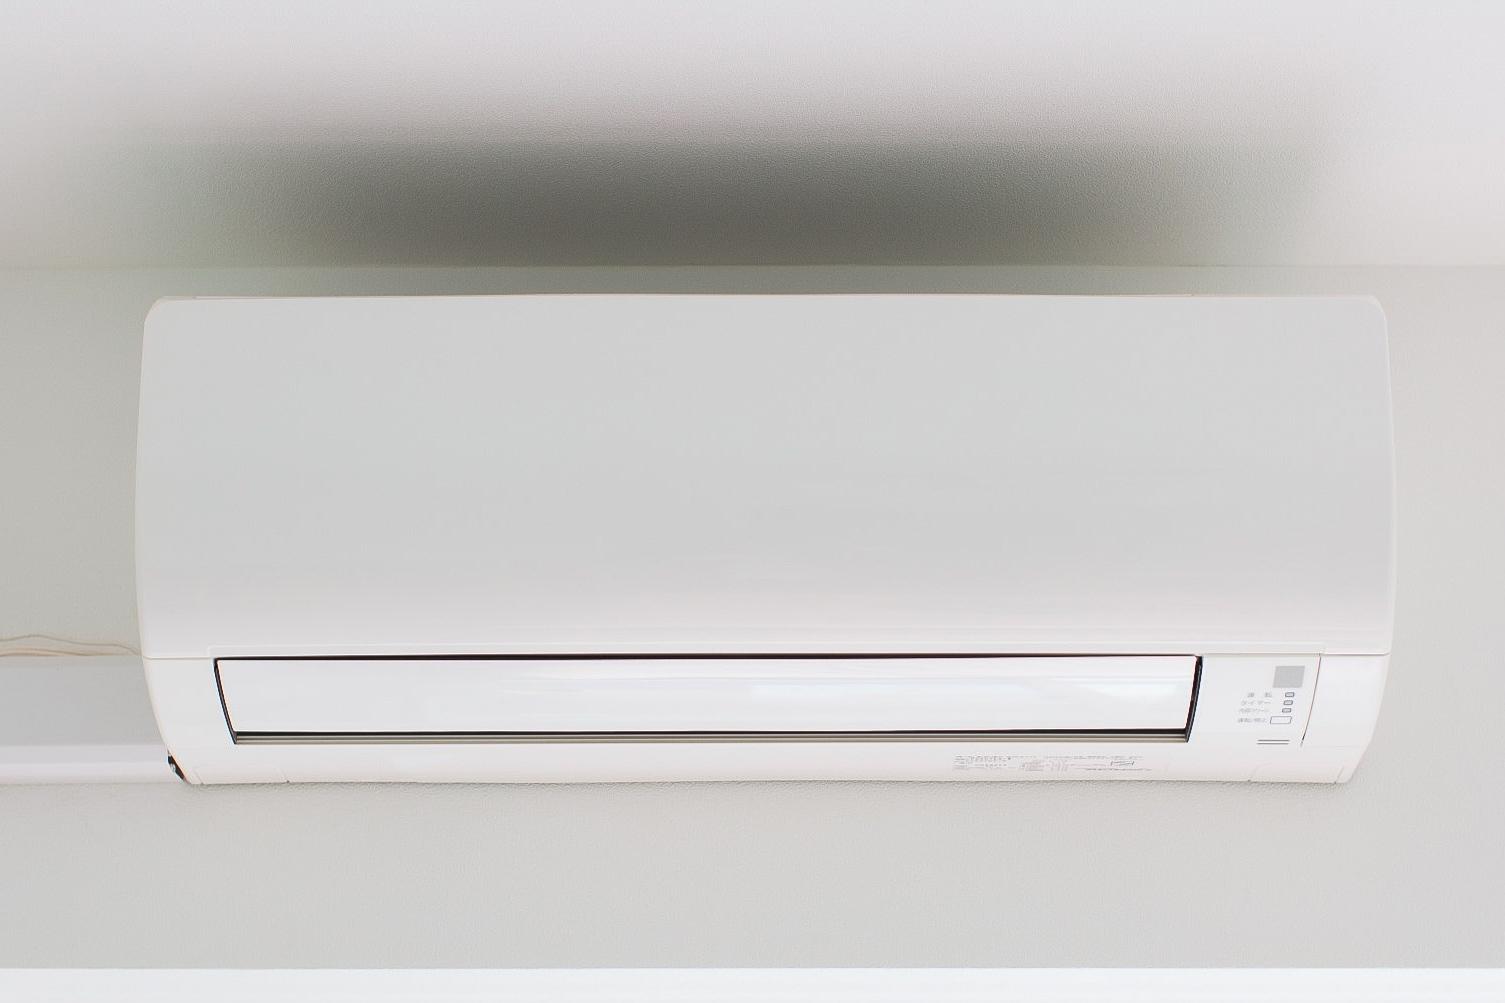 壁かけエアコンの写真